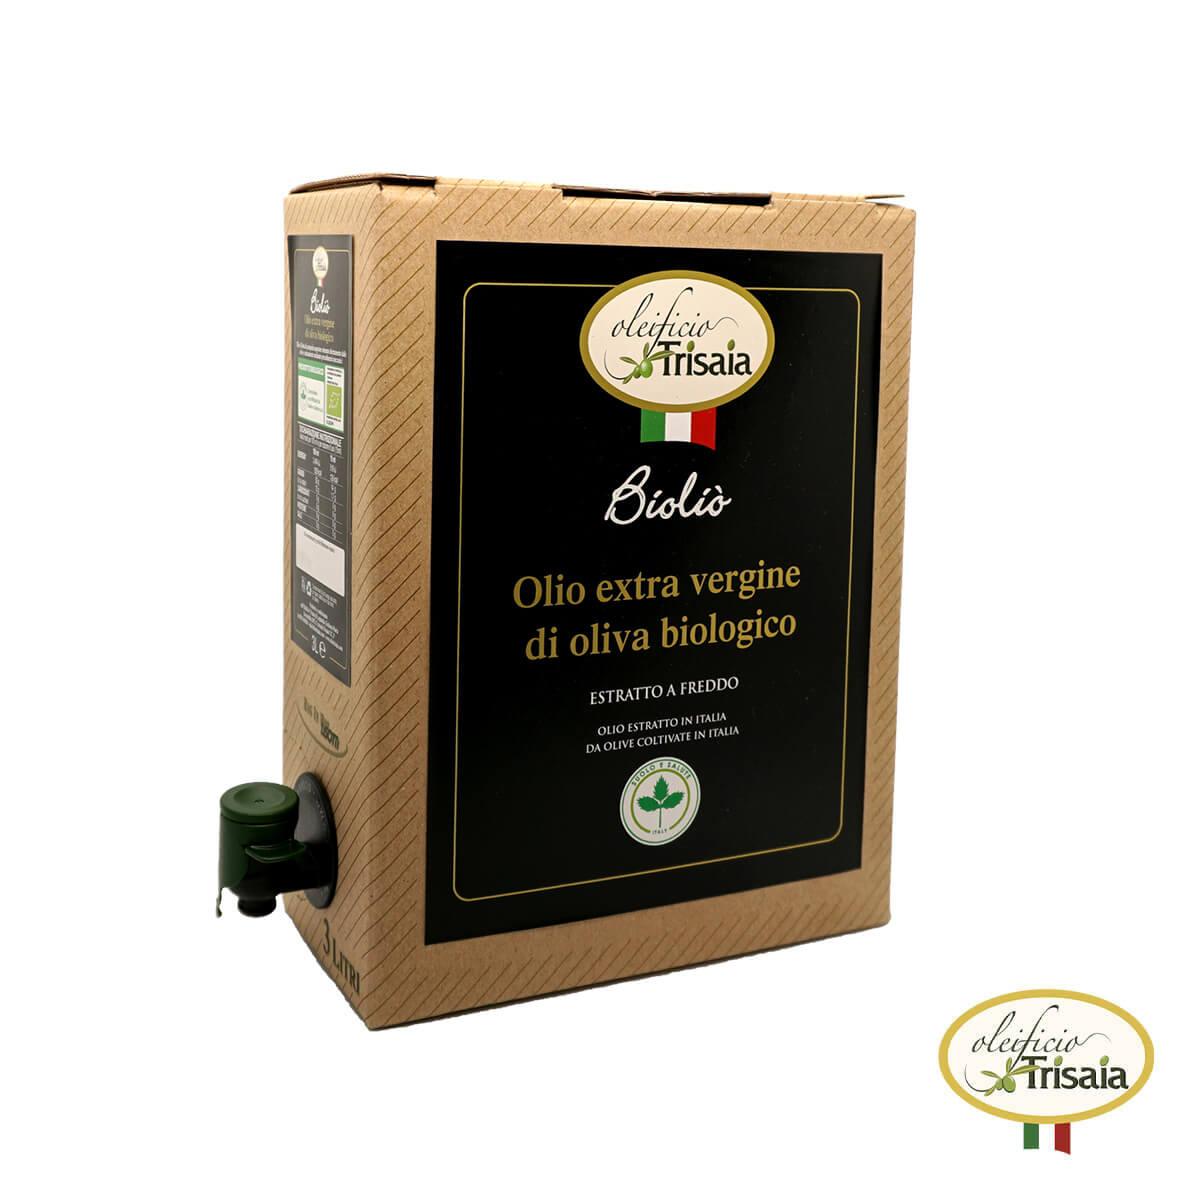 Olio EVO Extravergine di Oliva Biologico - Bioliò Bag in Box 3 litri